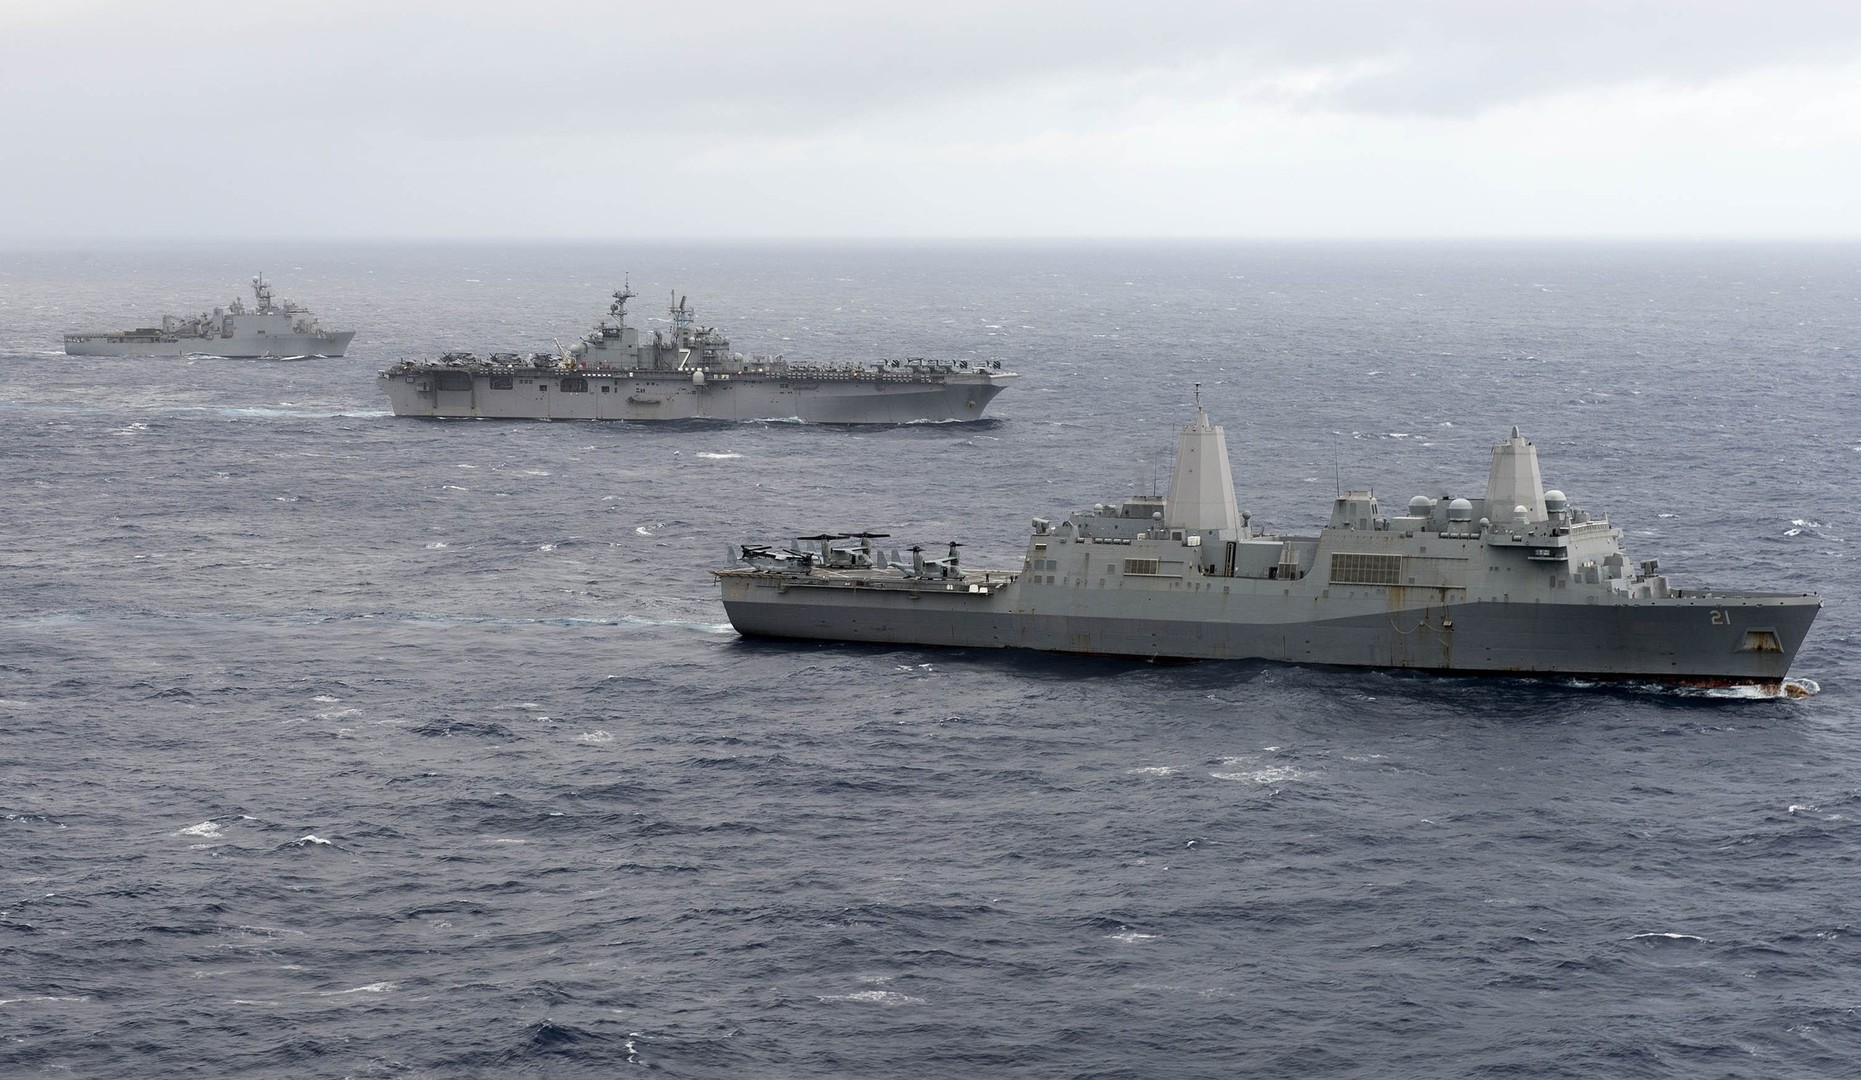 الأسطول السادس الأمريكي يستعد لاصطياد الناقلات الروسية في البحر الأبيض المتوسط